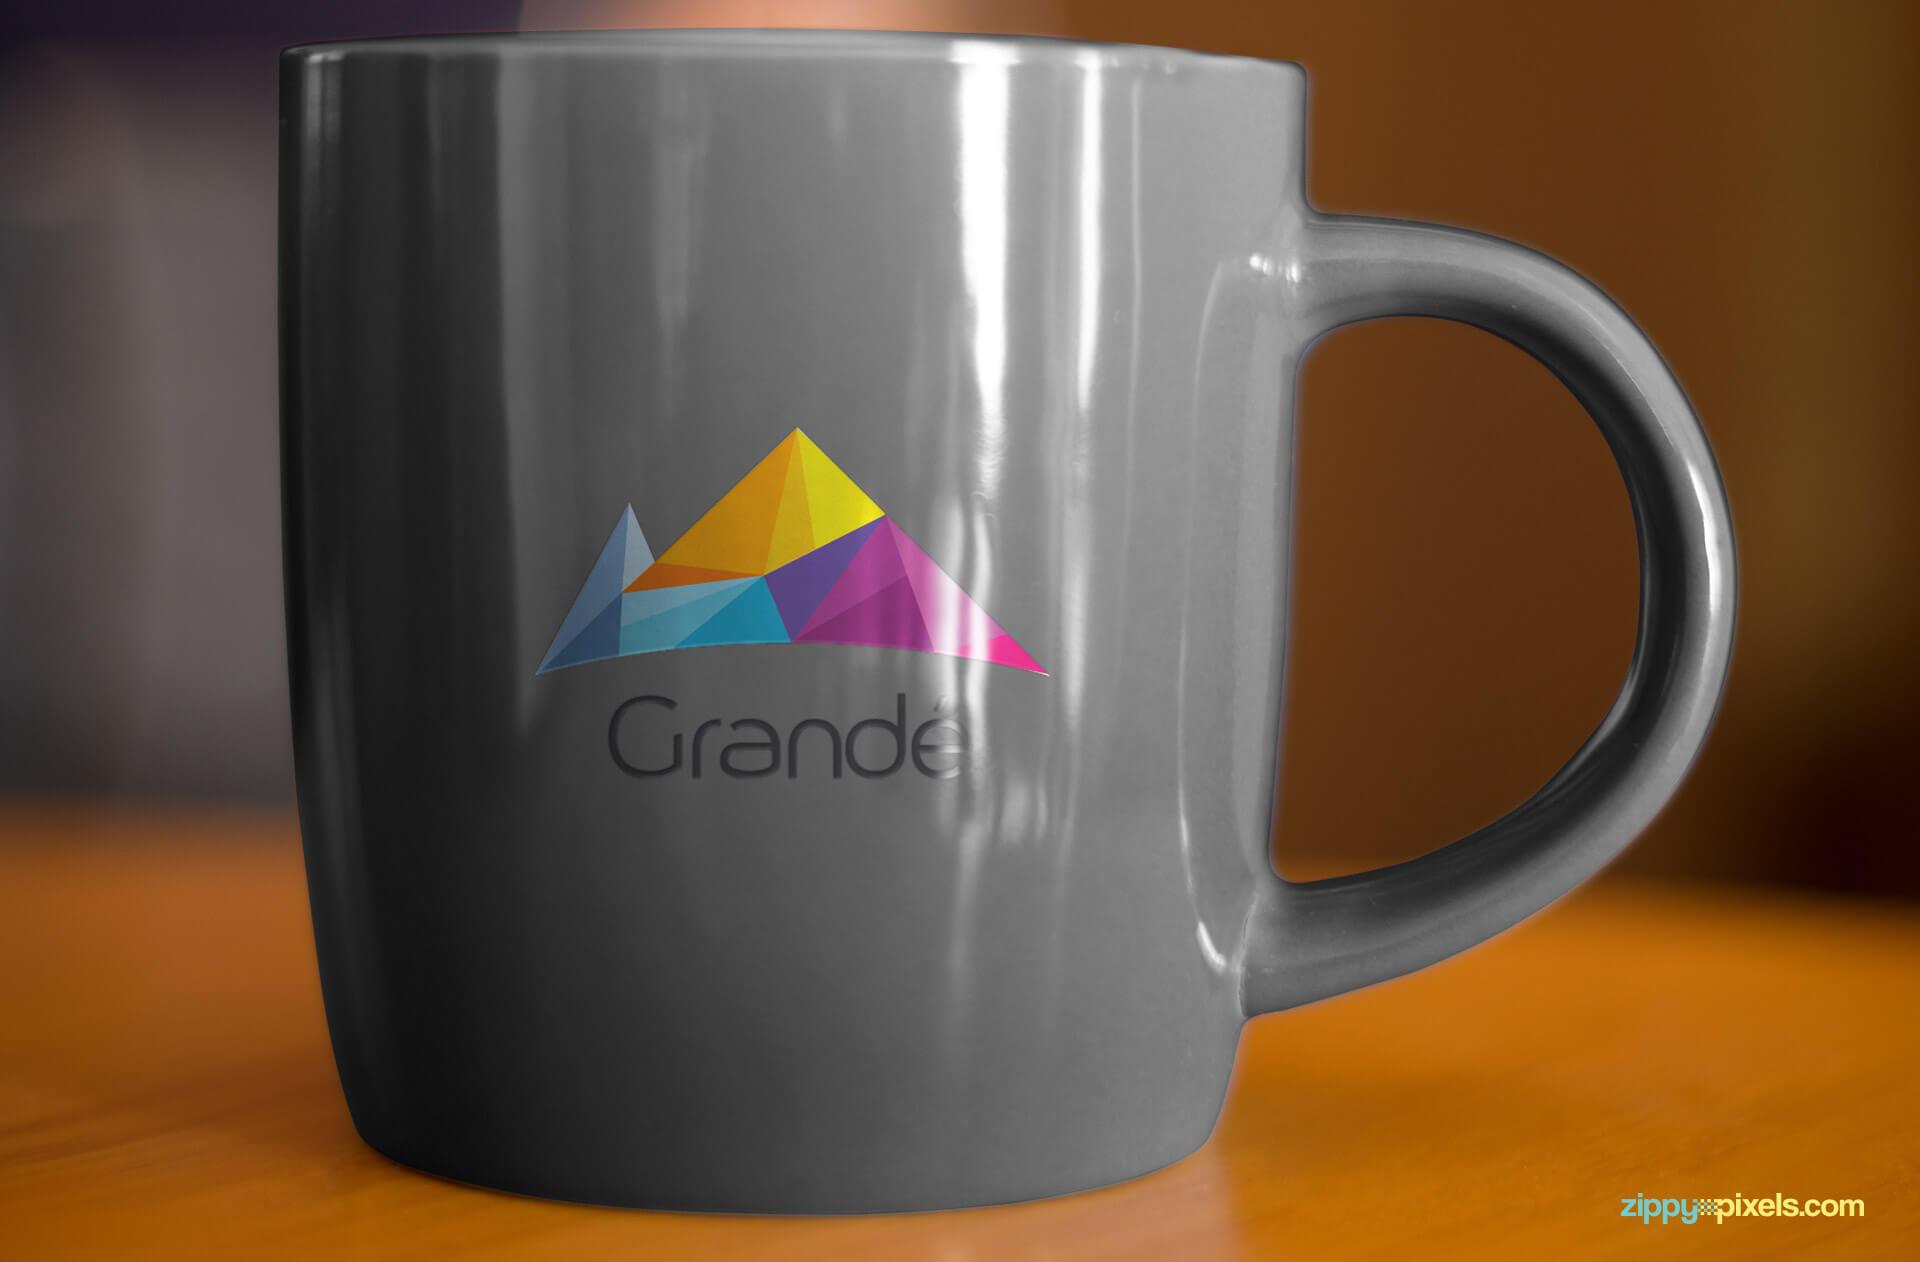 Branding Mockup for Coffee Mug with Logo